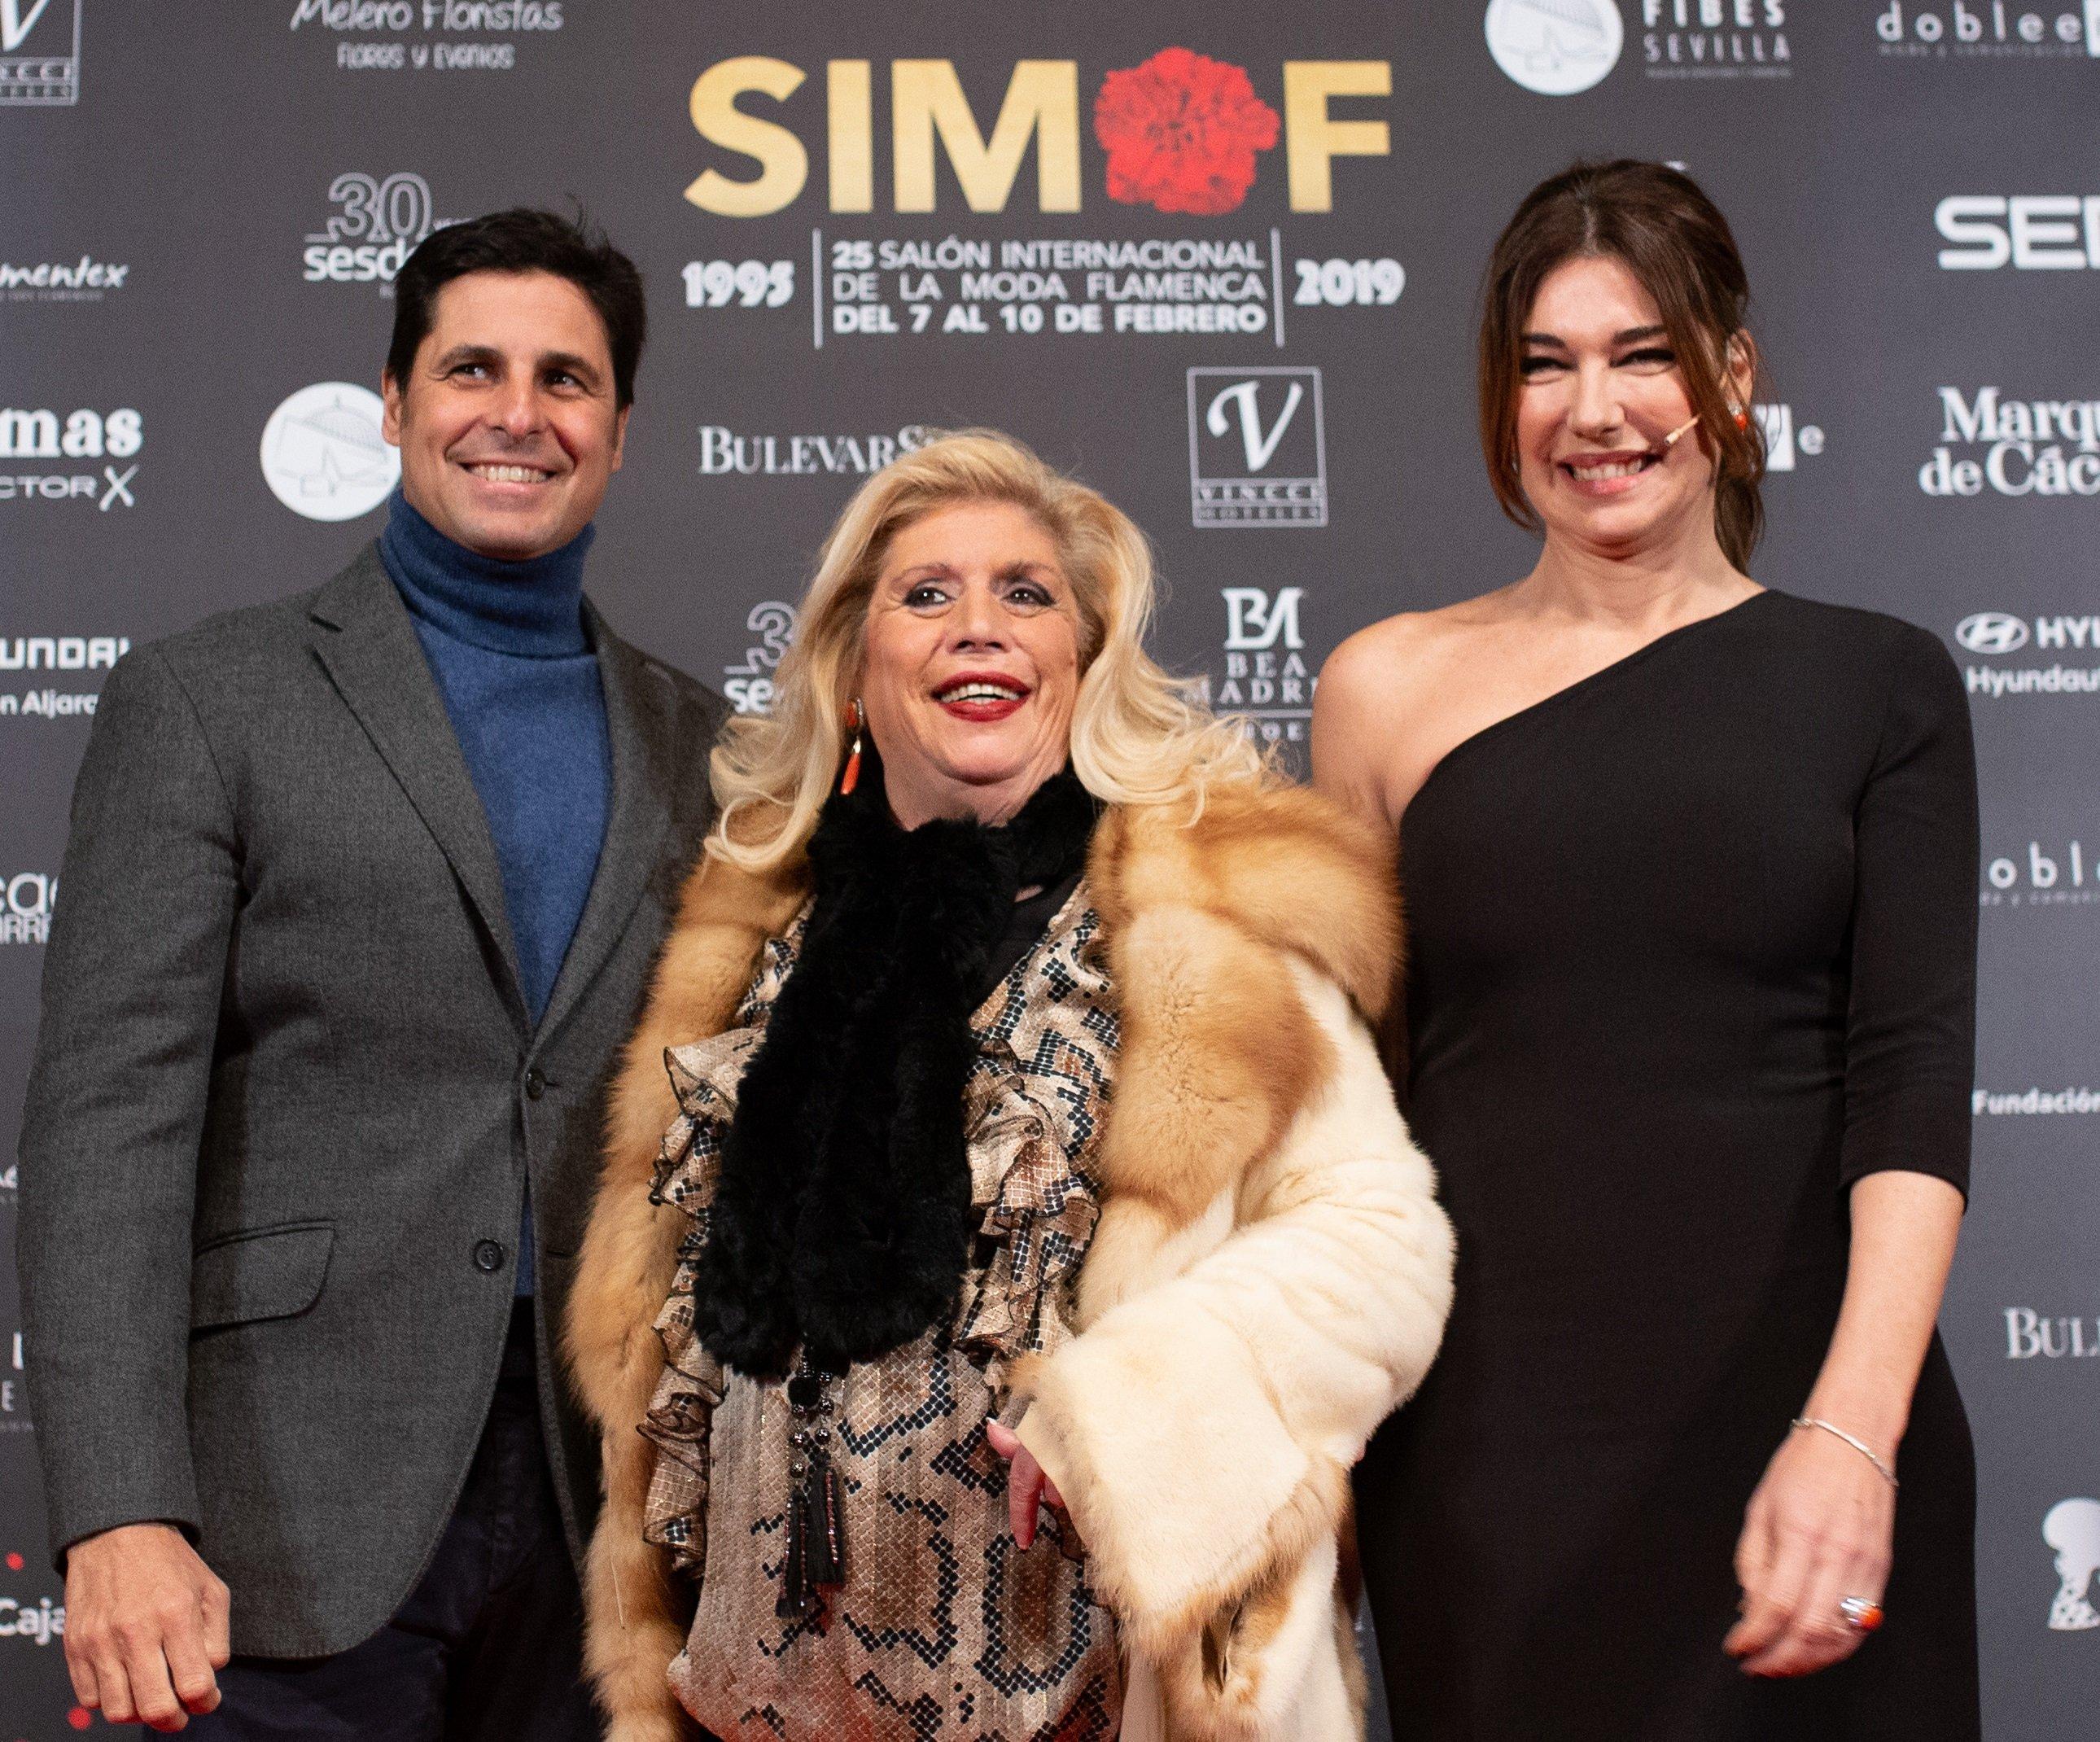 María Jiménez en 2018 || Fuente: Getty Images